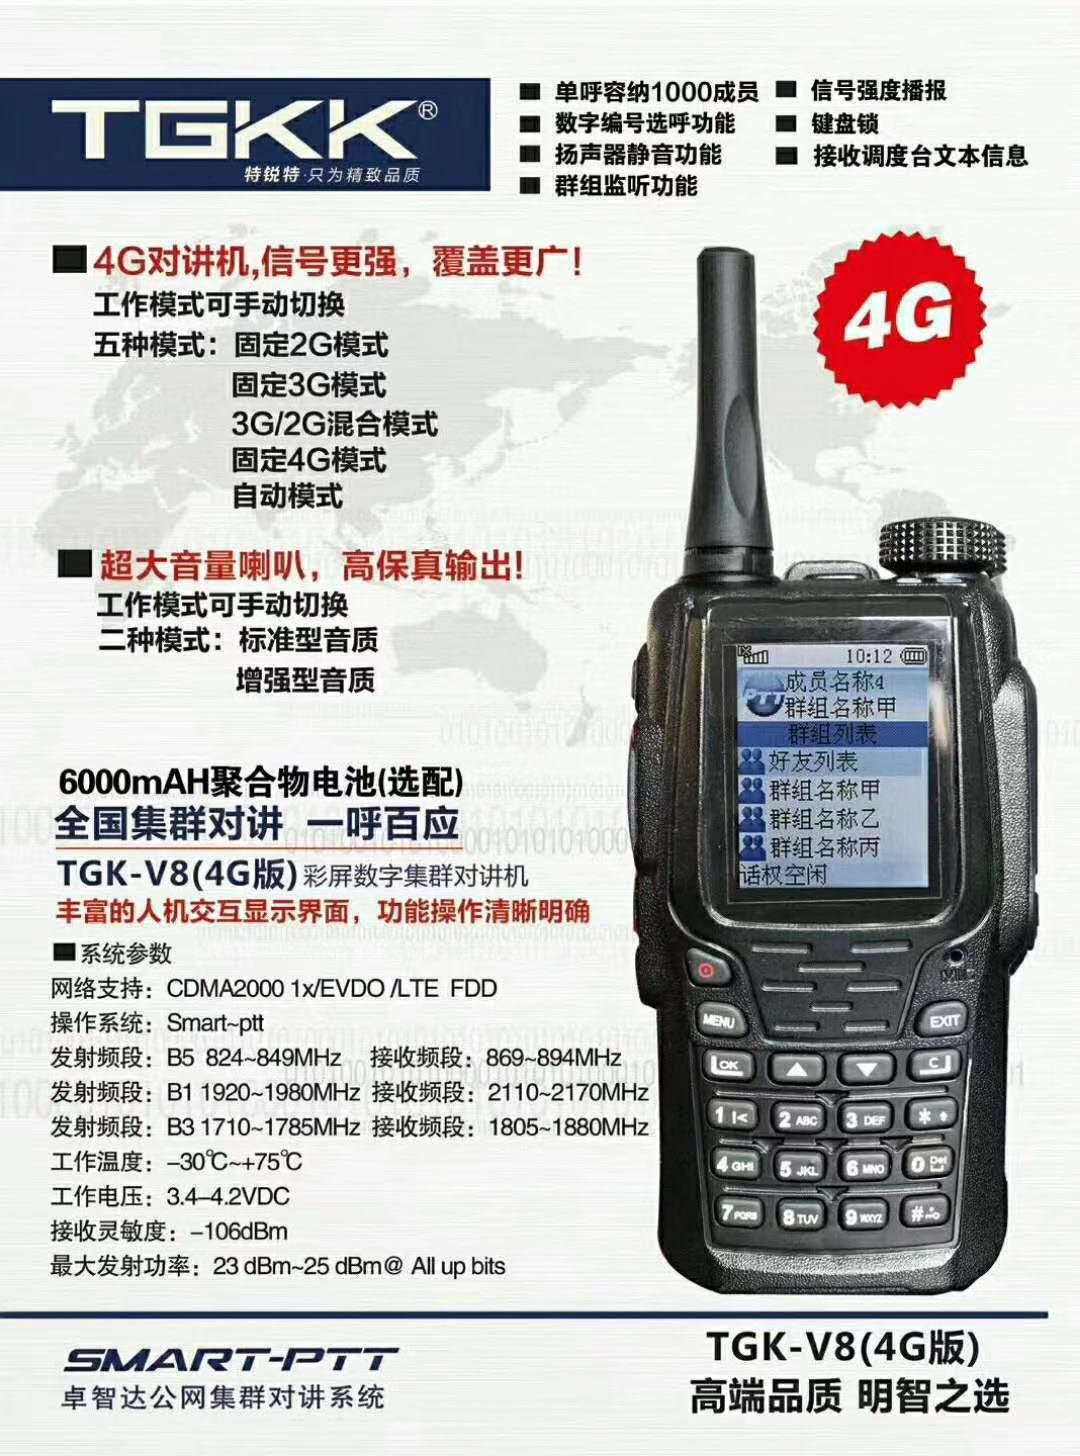 特锐特对讲机 TGKK-V8 3G插卡全国对讲机4600毫安待机3天 不限距离车队罐车物流车队公交车队